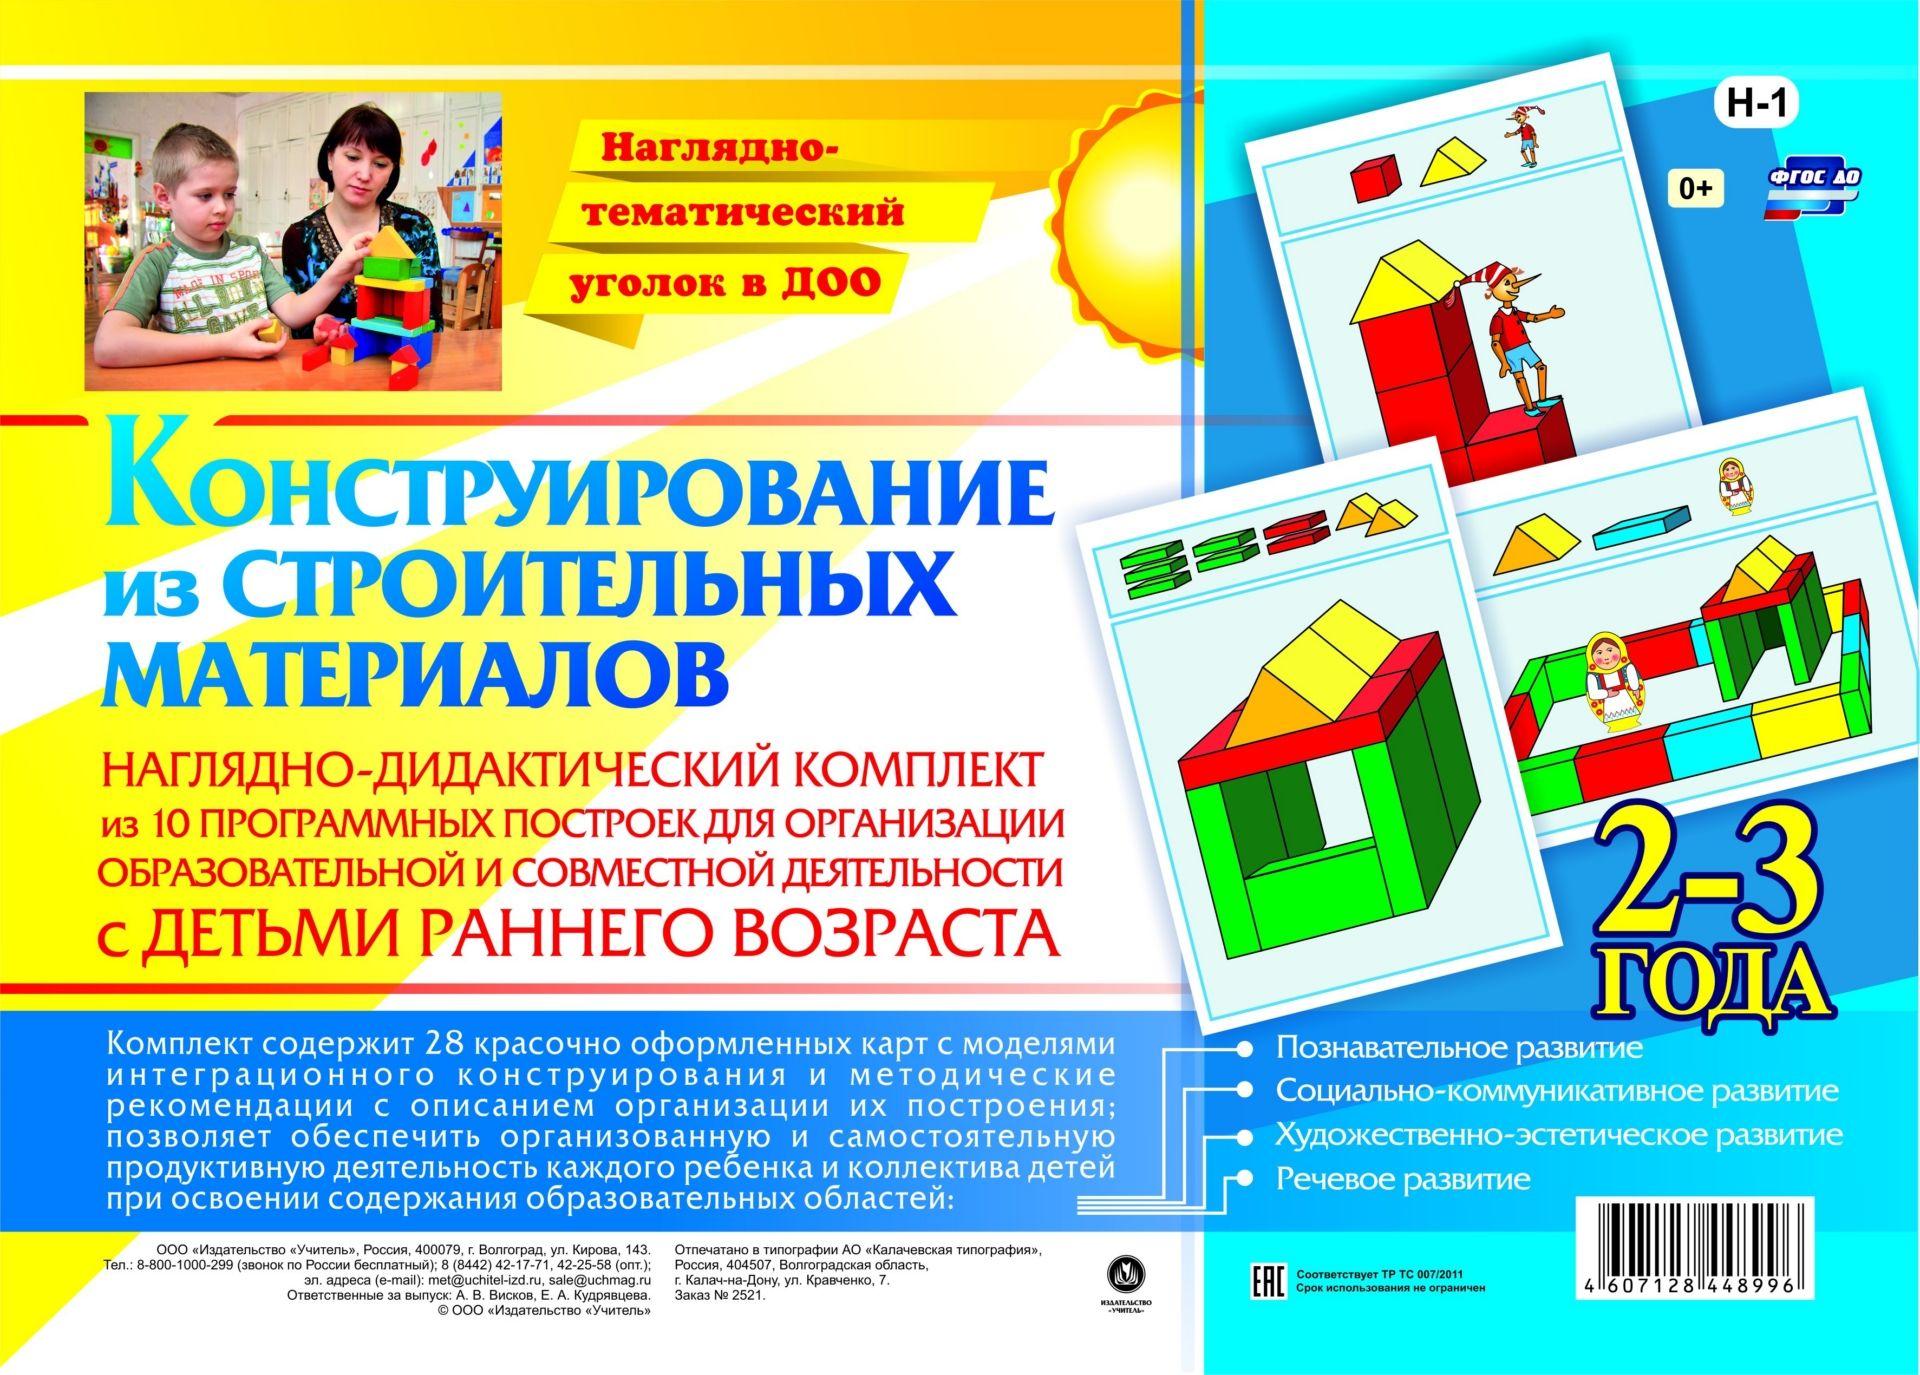 Наглядно-дидактический комплект. Конструирование. 28 цветных иллюстраций формата А4 на картоне. 2-3 годаВоспитателю ДОО<br>Предлагаемый наглядно-дидактический комплект Конструирование из строительных материалов включает в себя 28 красочно оформленных листов, позволяющих ребенку доступно и увлекательно в совместной деятельности со взрослым или самостоятельной игре осуществит...<br><br>Год: 2017<br>Серия: Наглядно-тематический уголок в ДОО<br>Высота: 200<br>Ширина: 140<br>Толщина: 10<br>Переплёт: набор